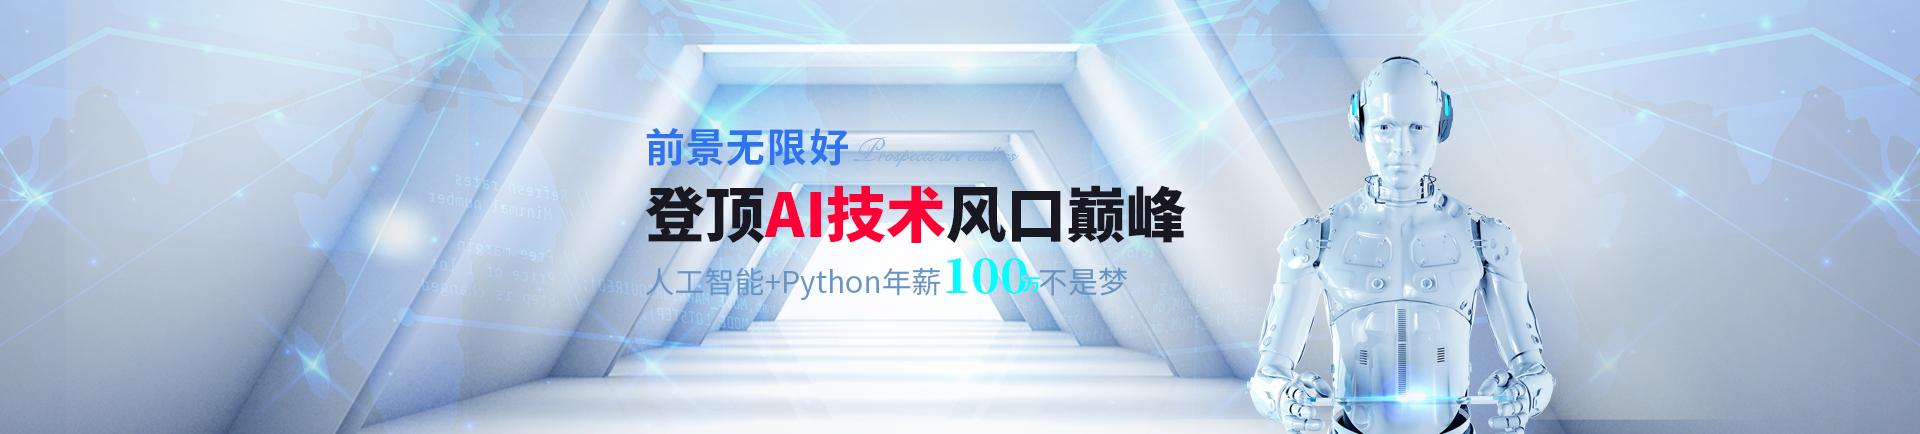 登顶AI技术风�巅峰 人工智能+Python年薪100万�是梦-chengdu